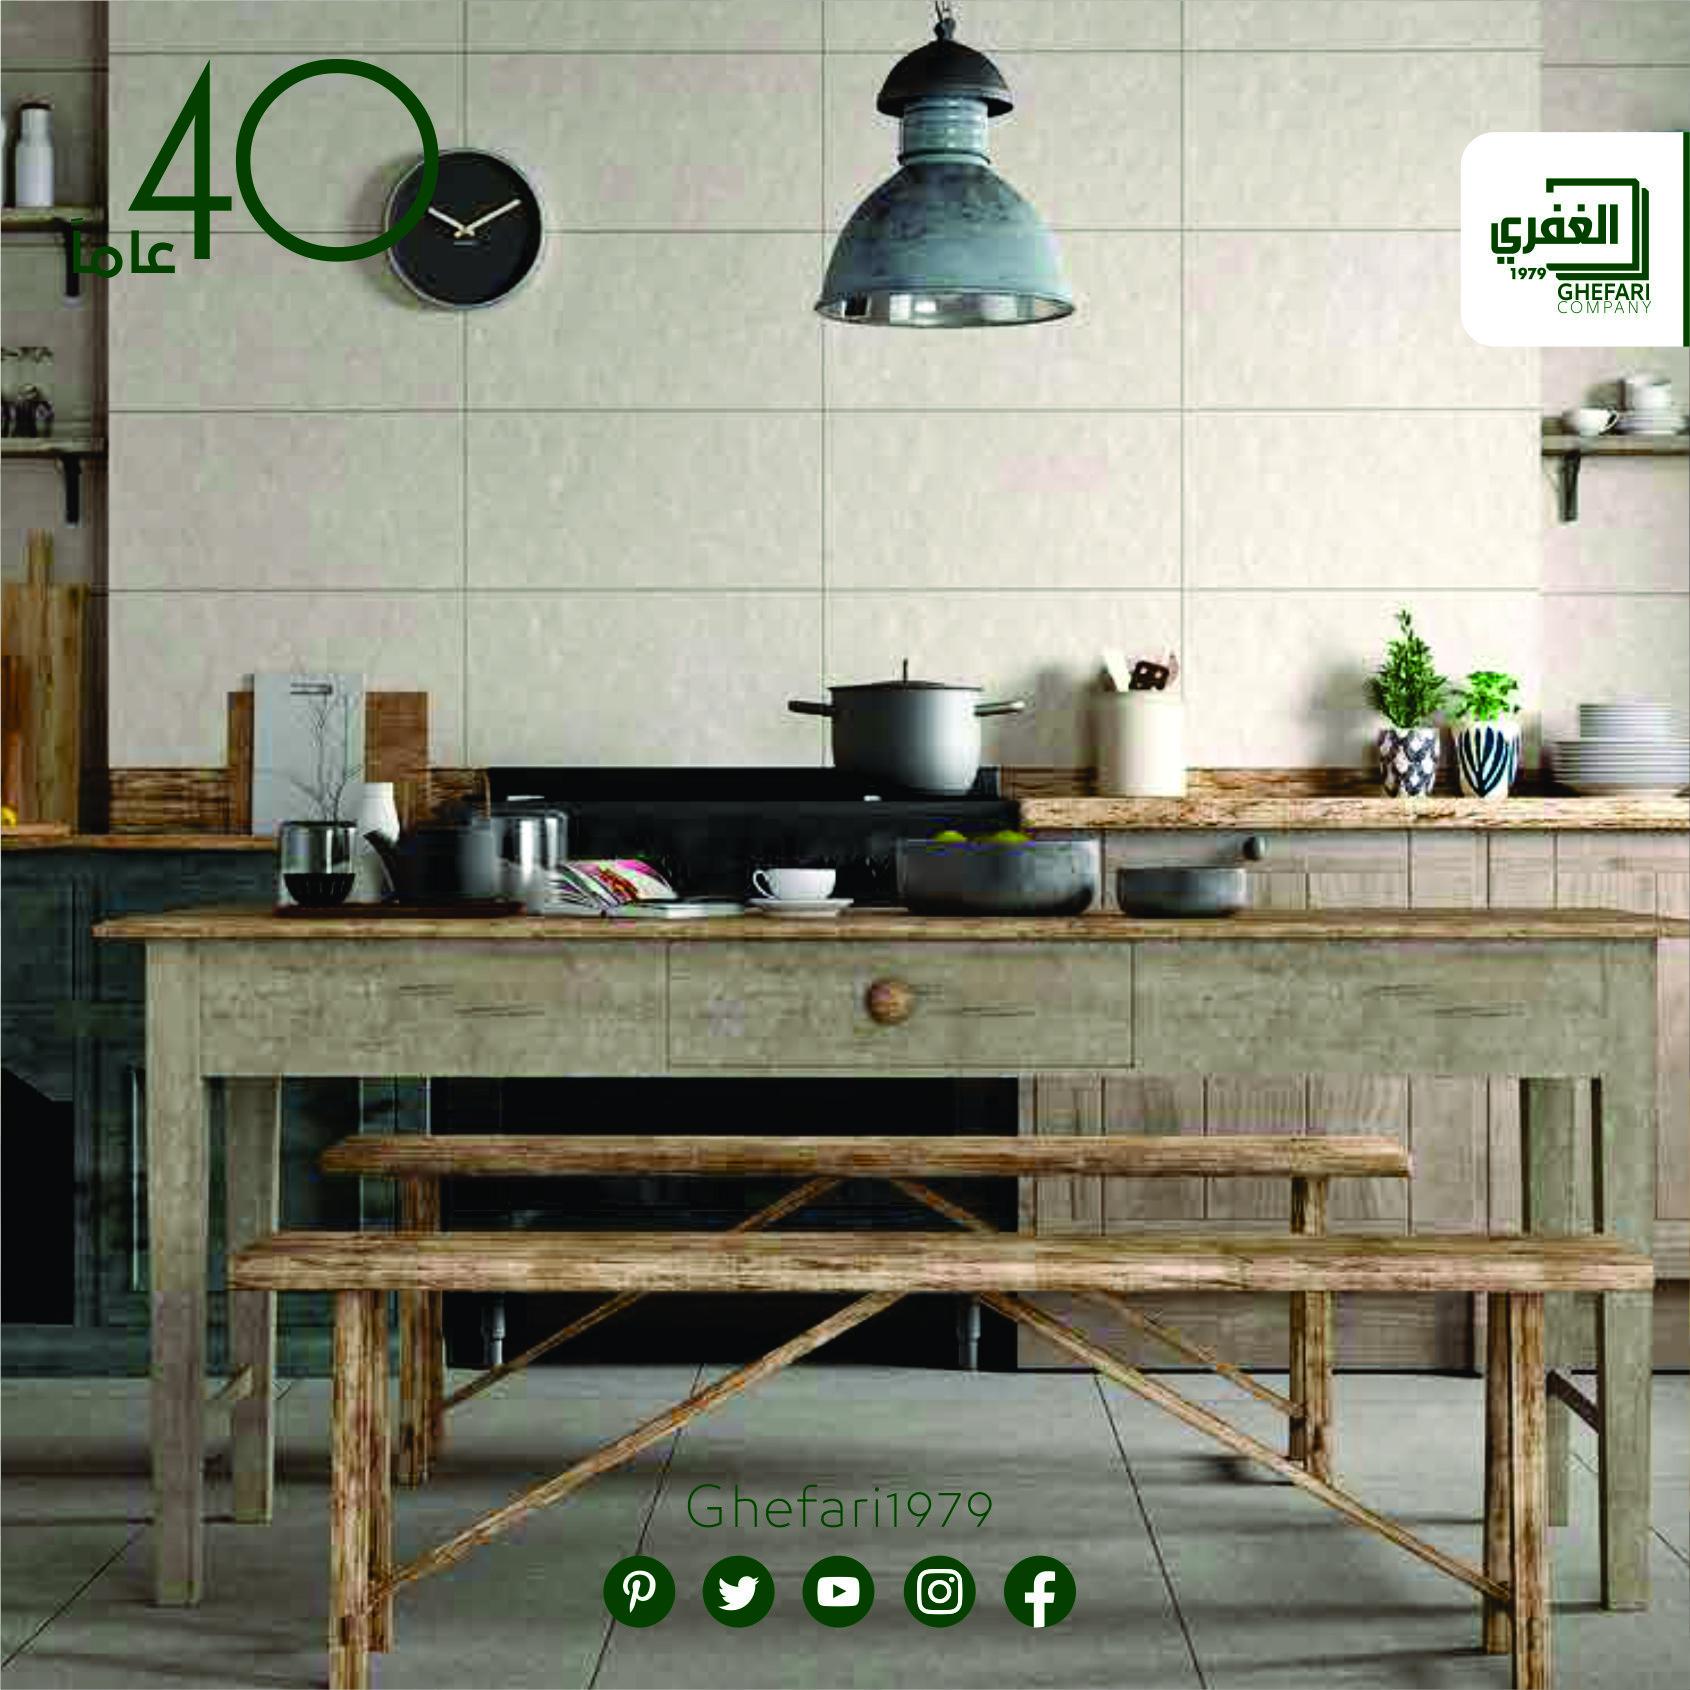 بورسلان أرضي حوائط حمامات مطبخ مقاس 29x59 اسباني الصنع موديلات 2020 2019 للمزيد زورونا على موقع الشركة Www Ghefari Com Kitchen Home Decor Decor